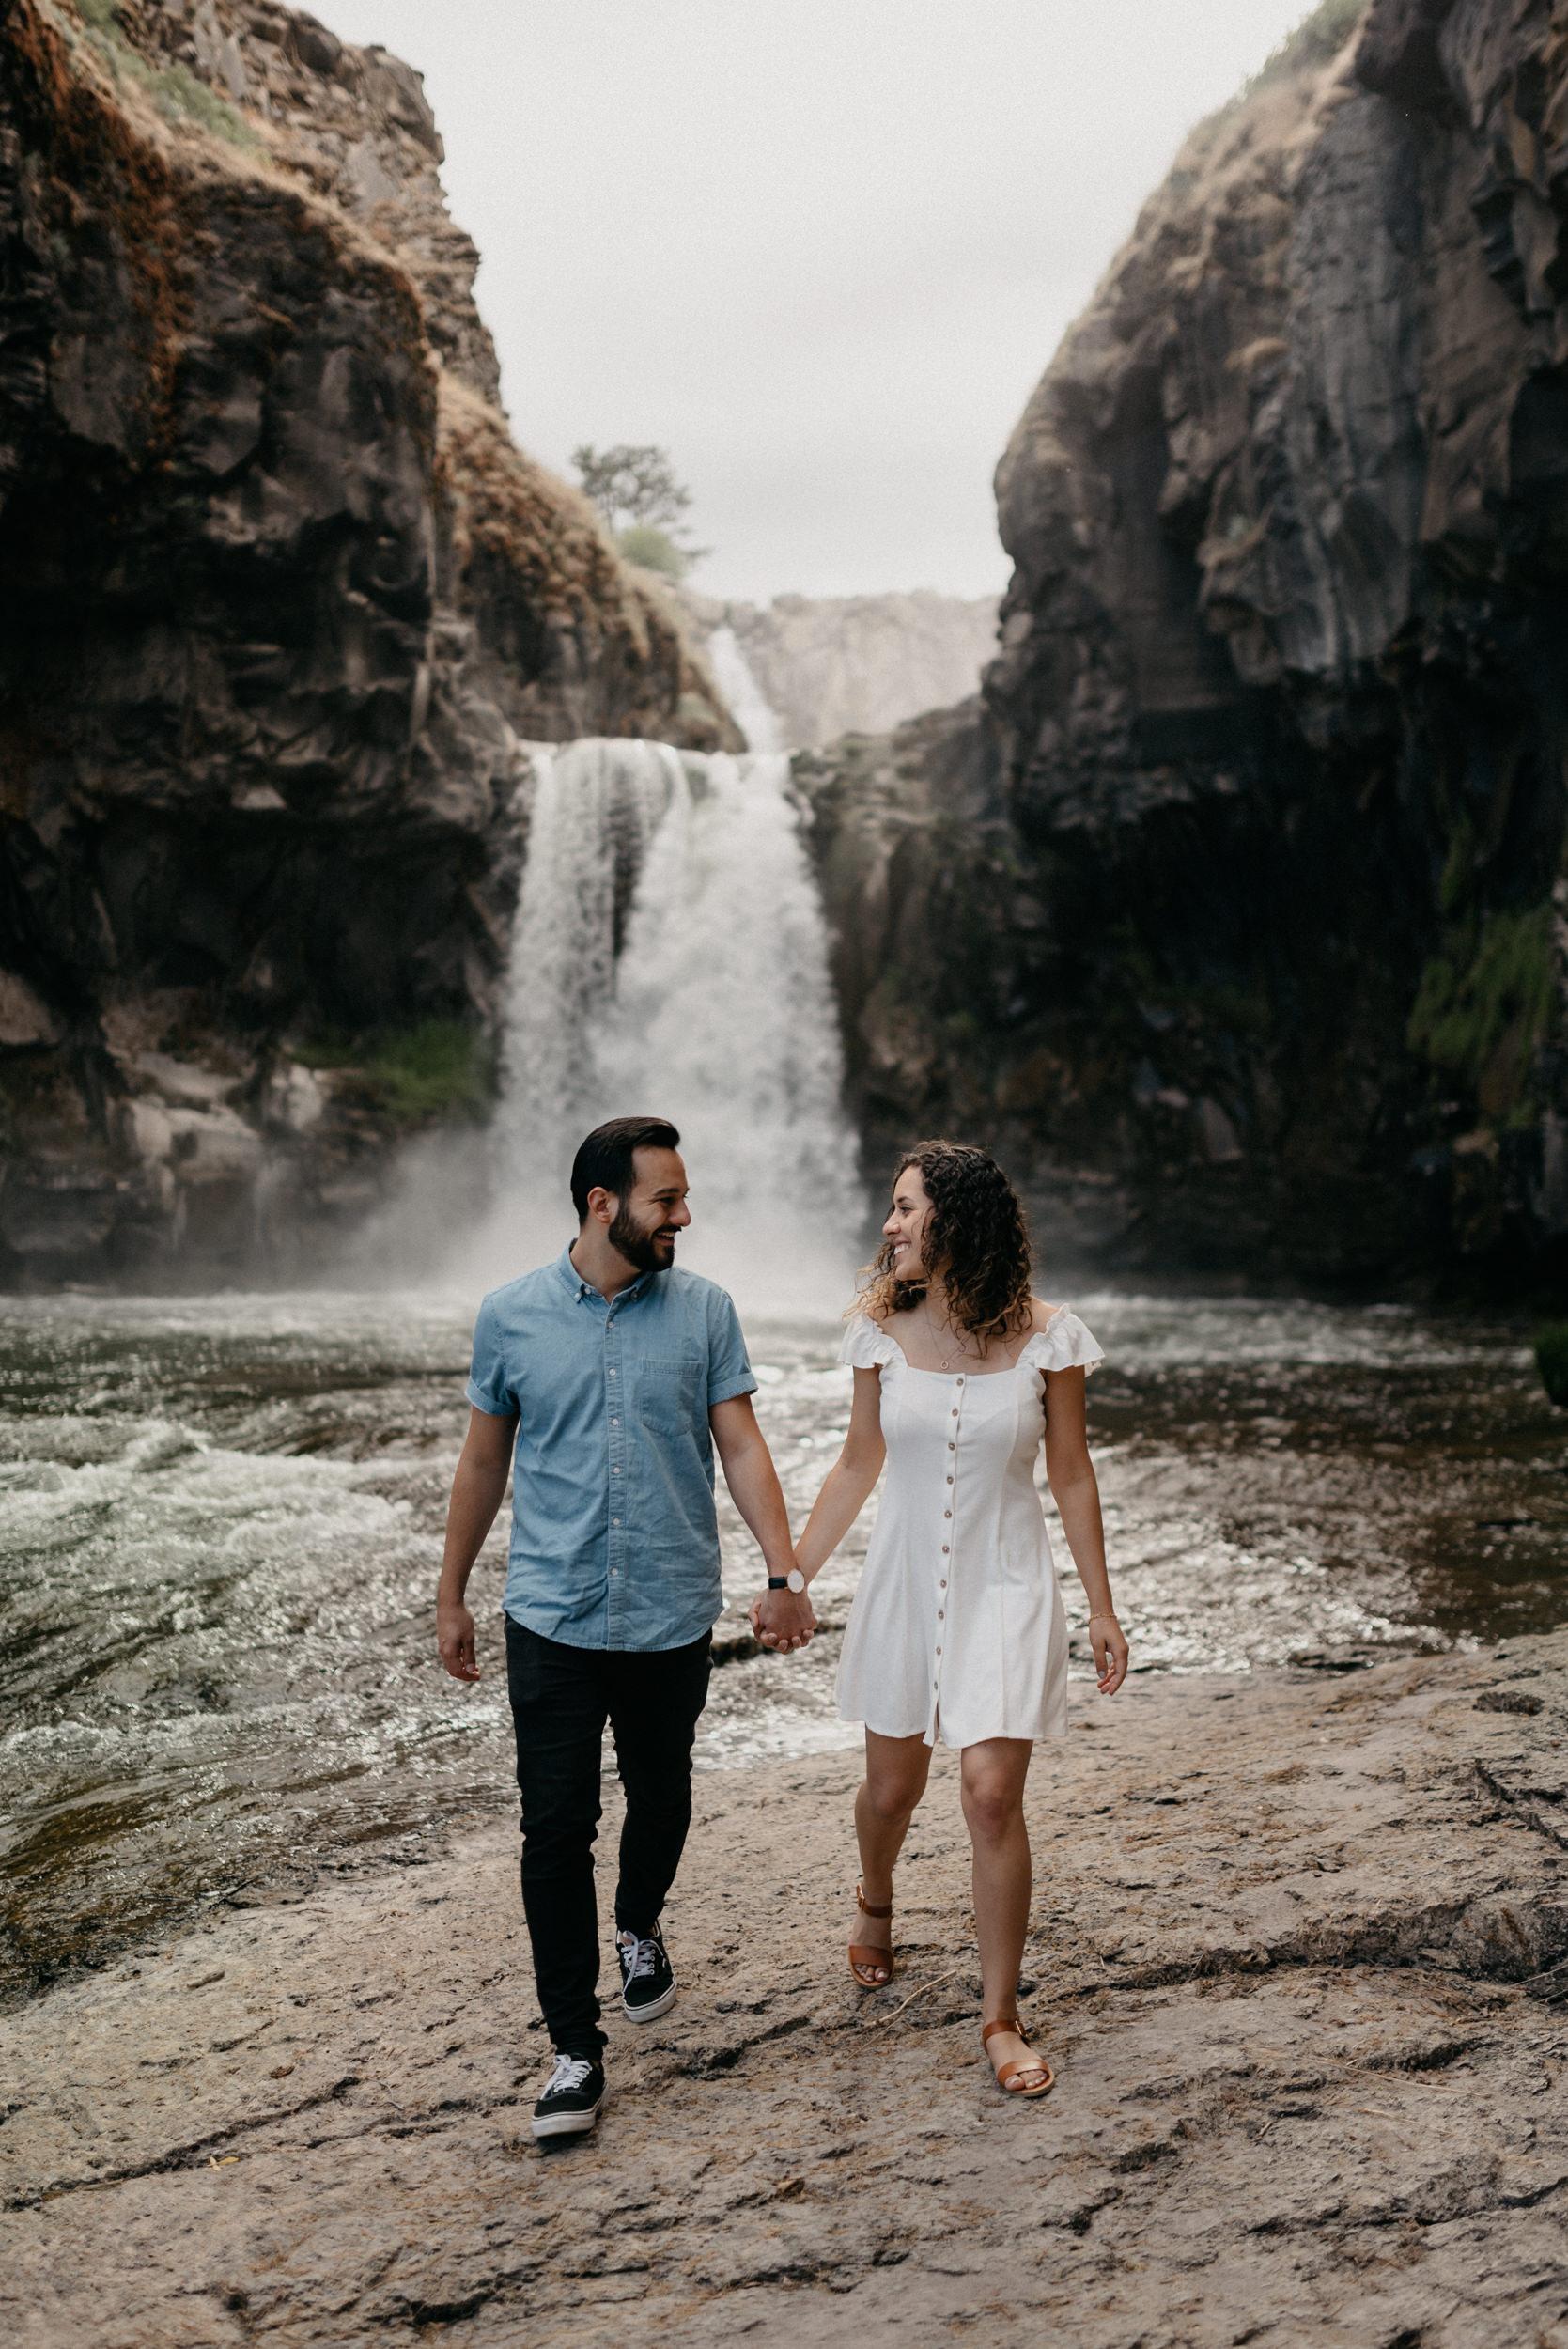 21-White-river-falls-state-park-engagement-5738.jpg